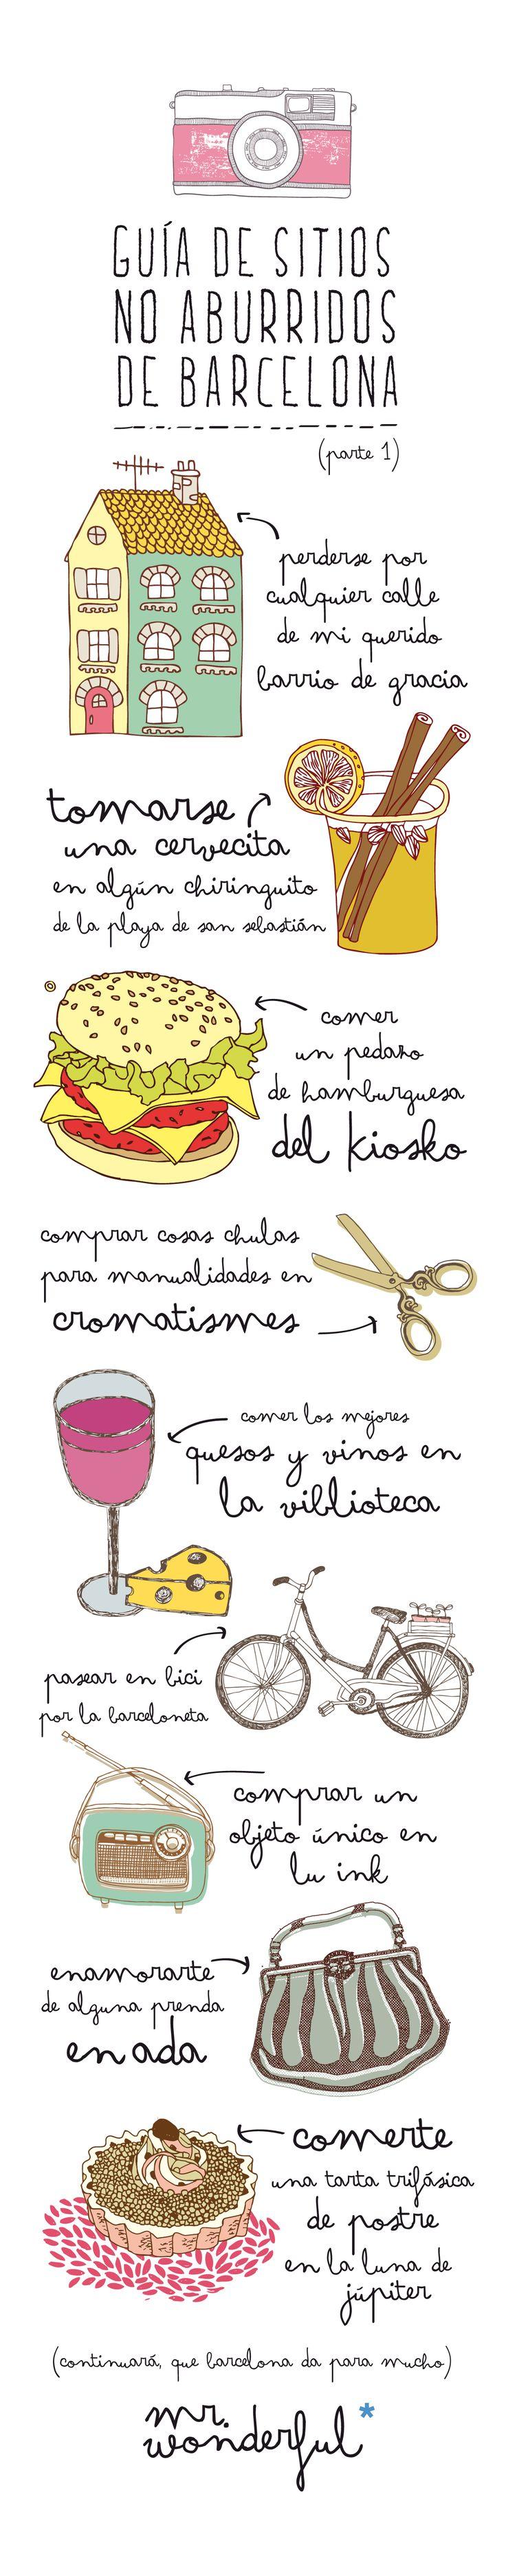 Pequeña Guía no aburrida de Barcelona https://muymolon.com/2012/07/09/pequena-guia-no-aburrida-de-barcelona/